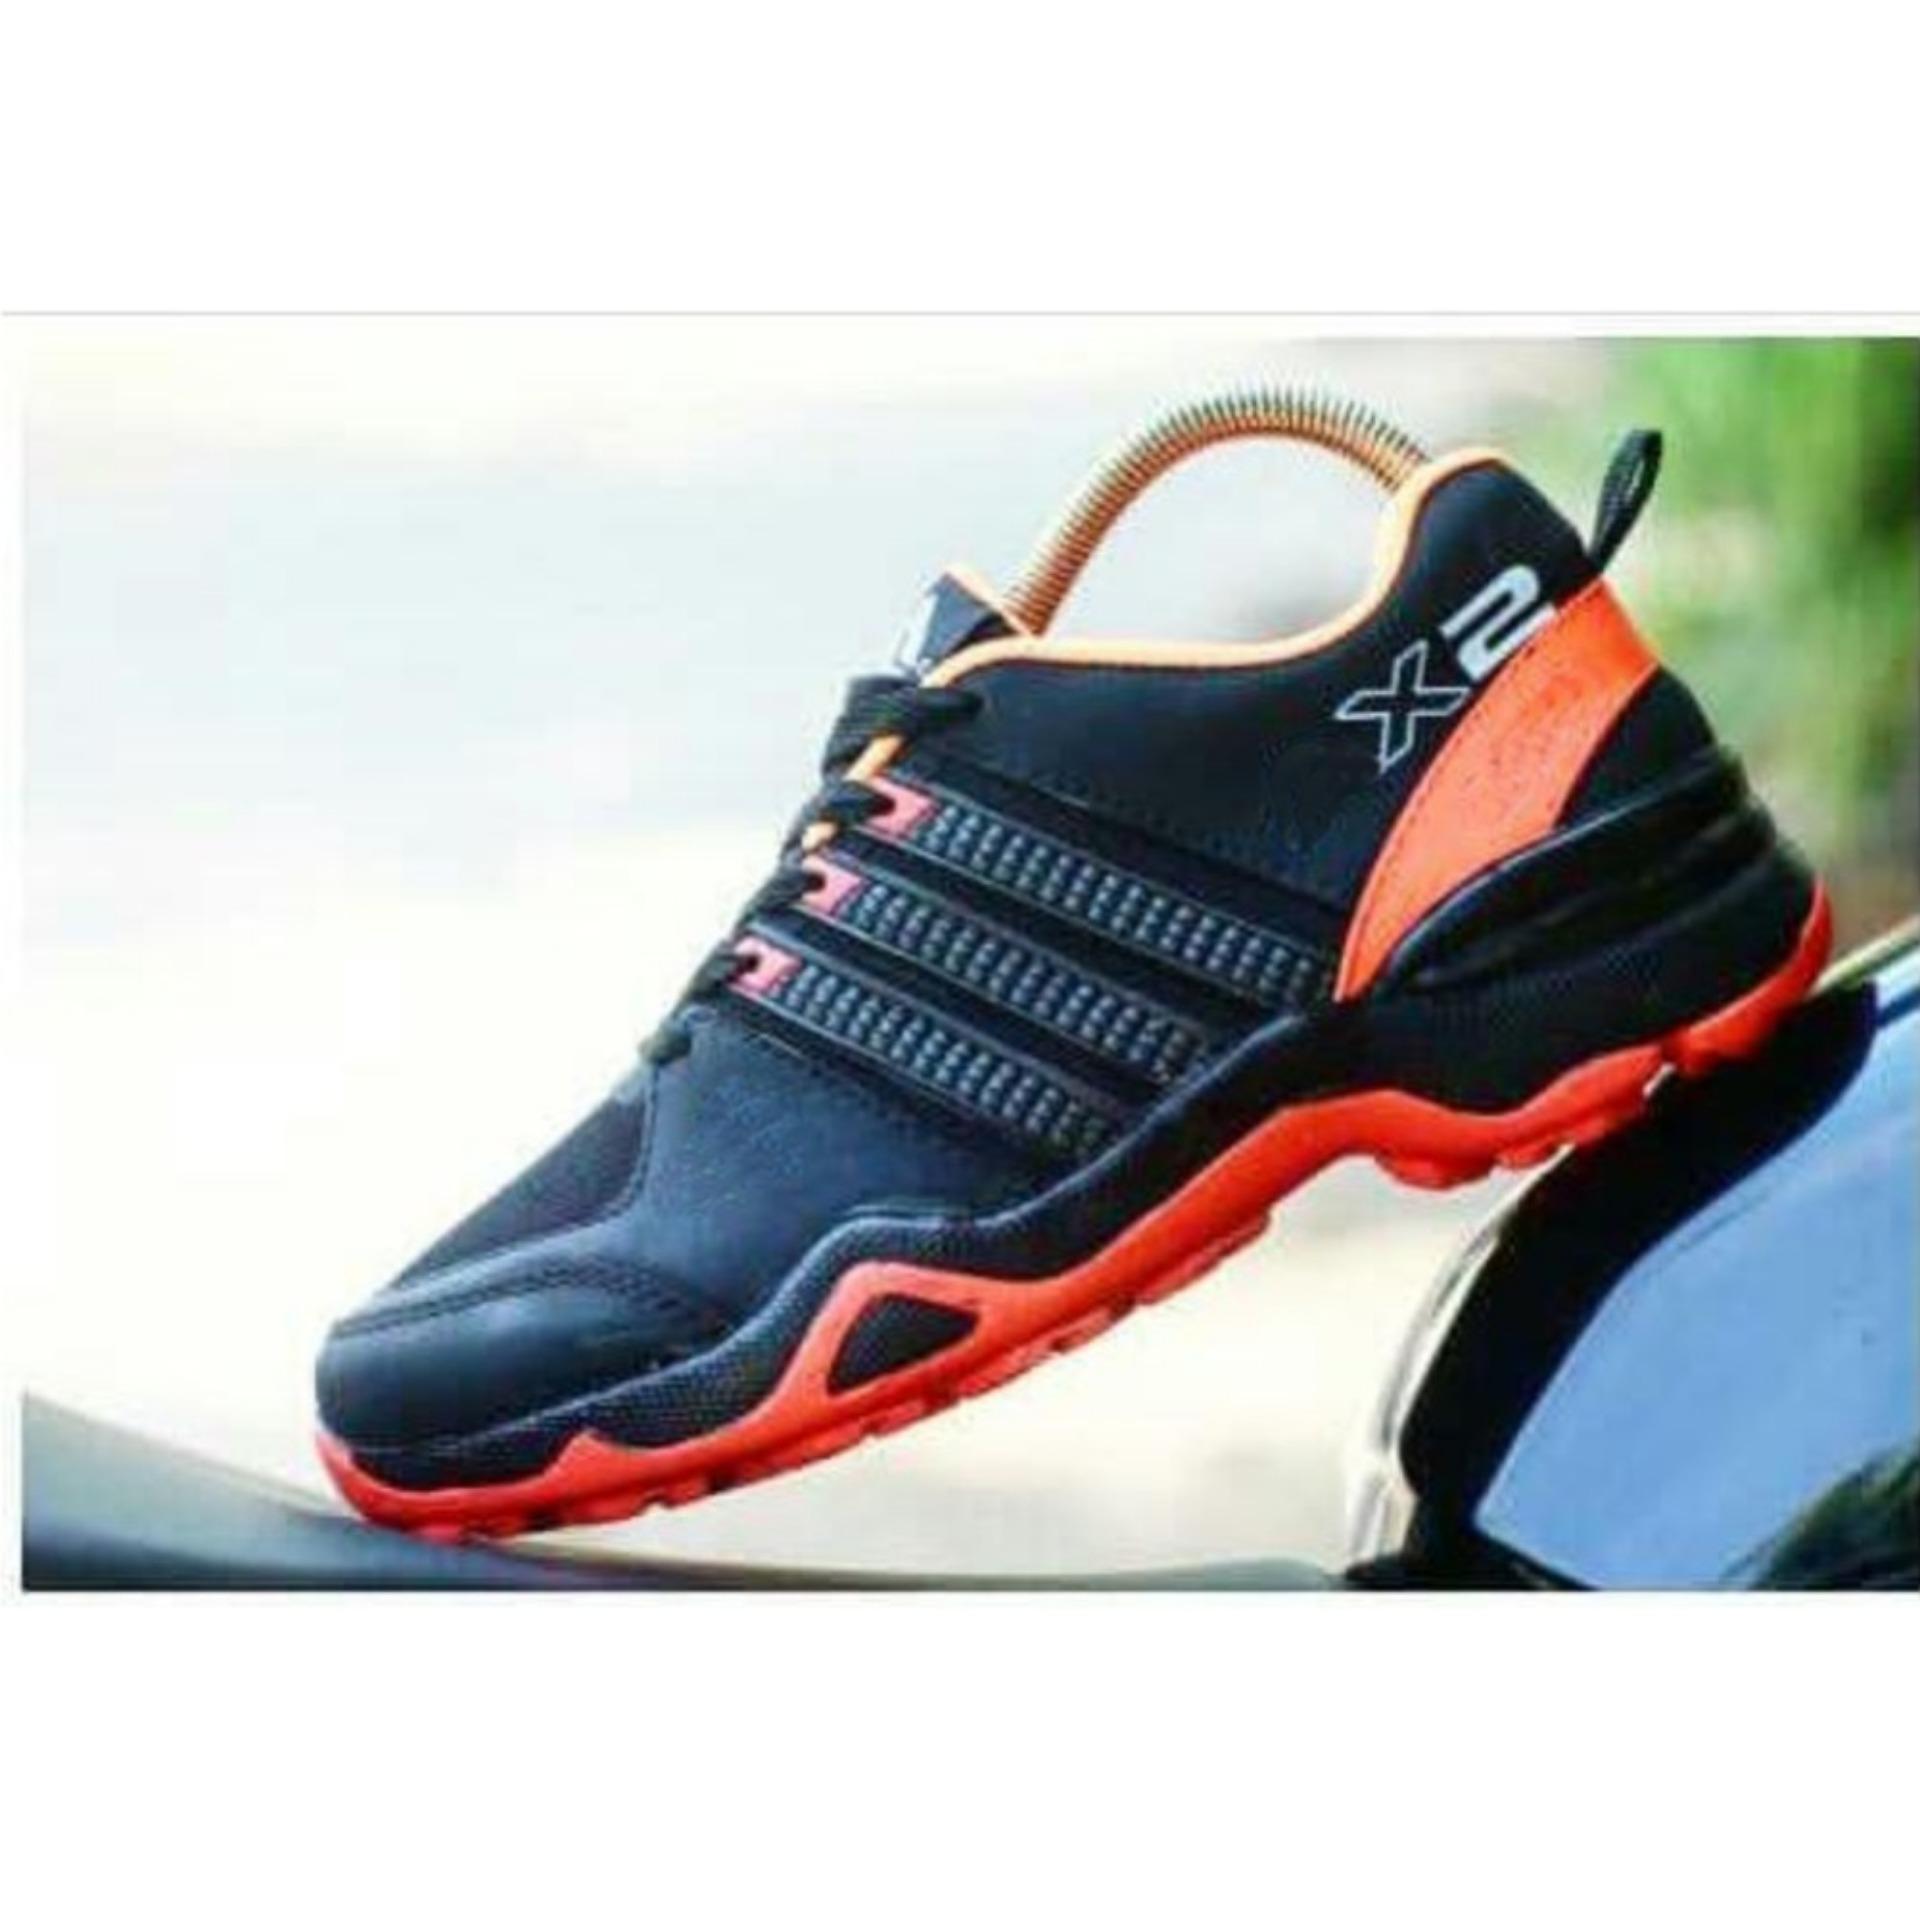 Sepatu Mizuno Tr9 Low Original Sepatu Volly Sepatu Badminton Oidt2j ... fcb71518b8